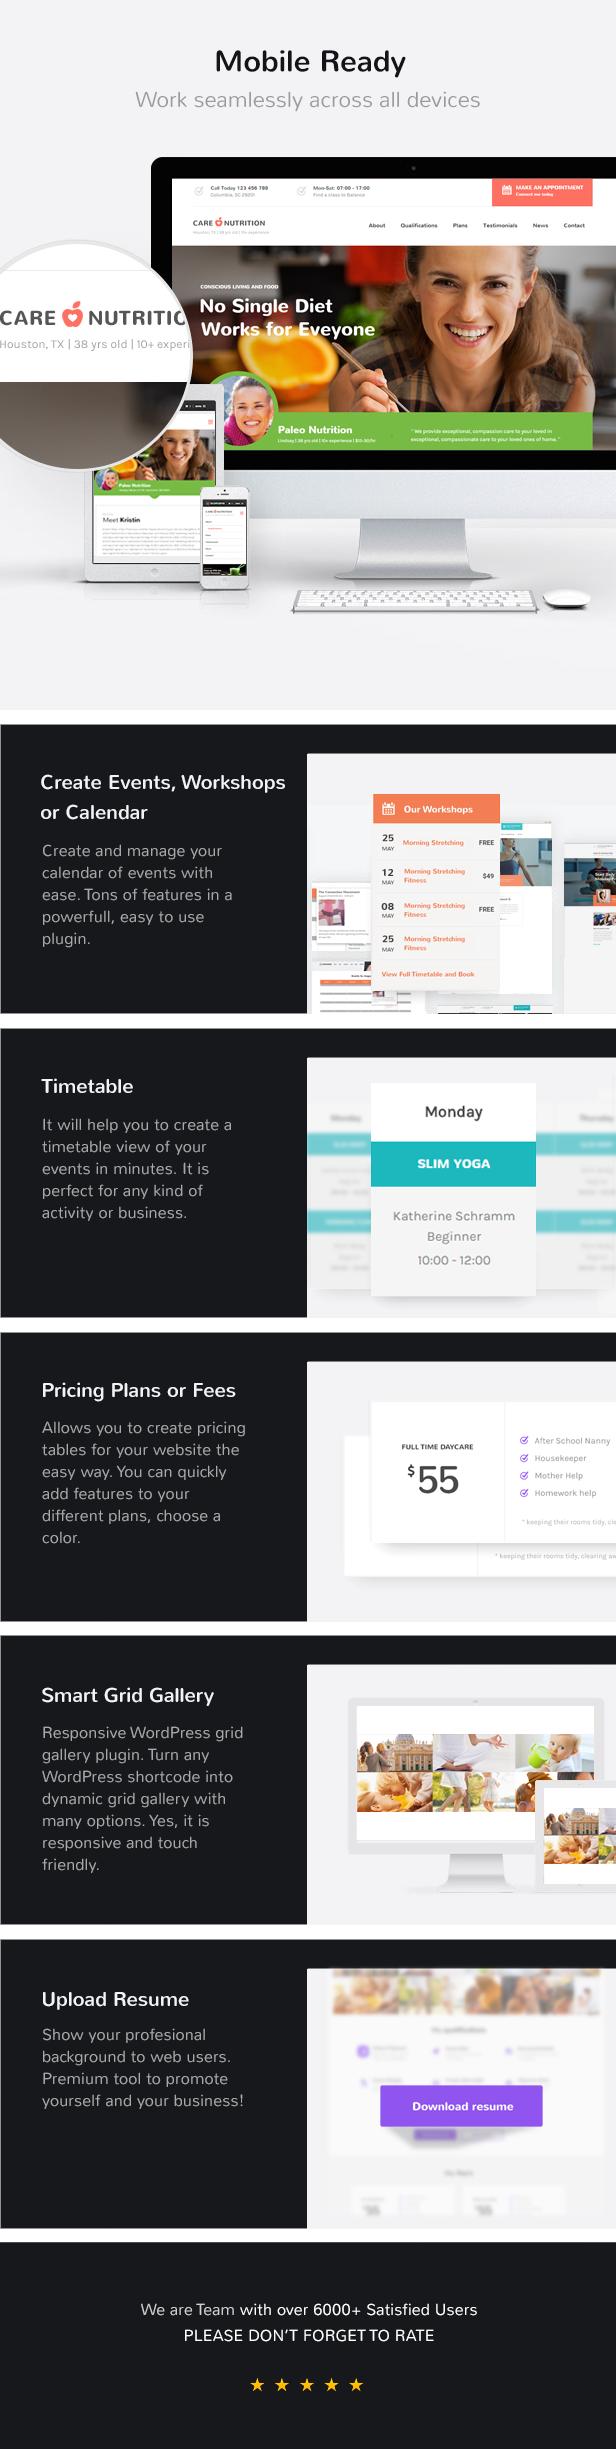 Care – Multi-Niche WordPress Theme for Small Business - 3